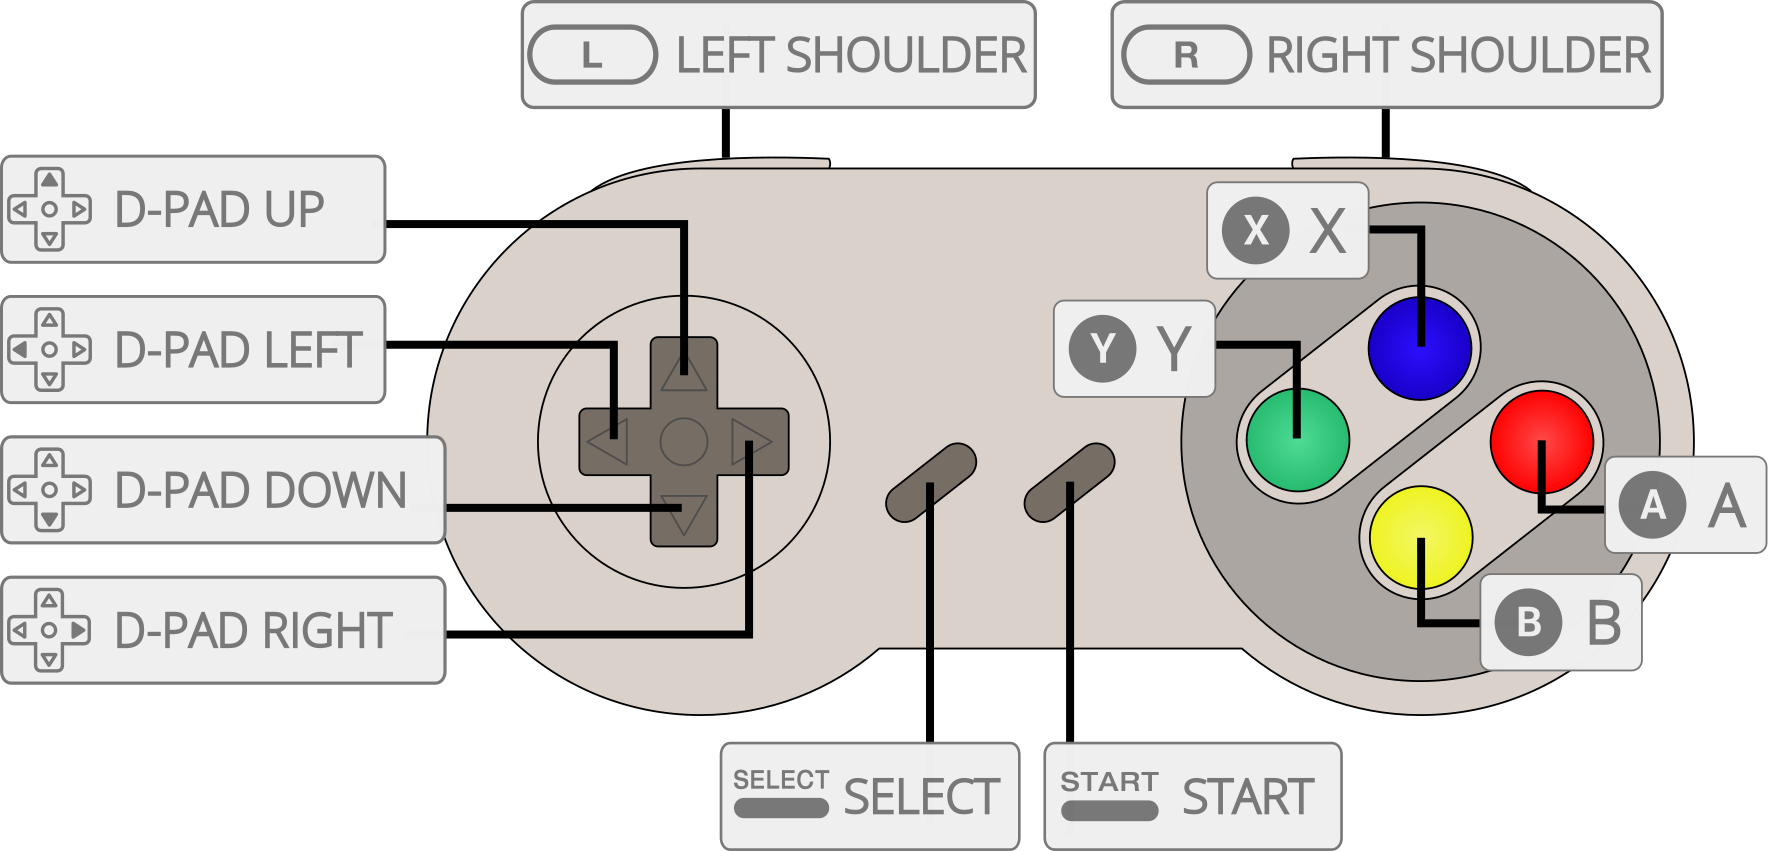 Nintendo - SNES / Famicom (Snes9x 2010) - Libretro Docs